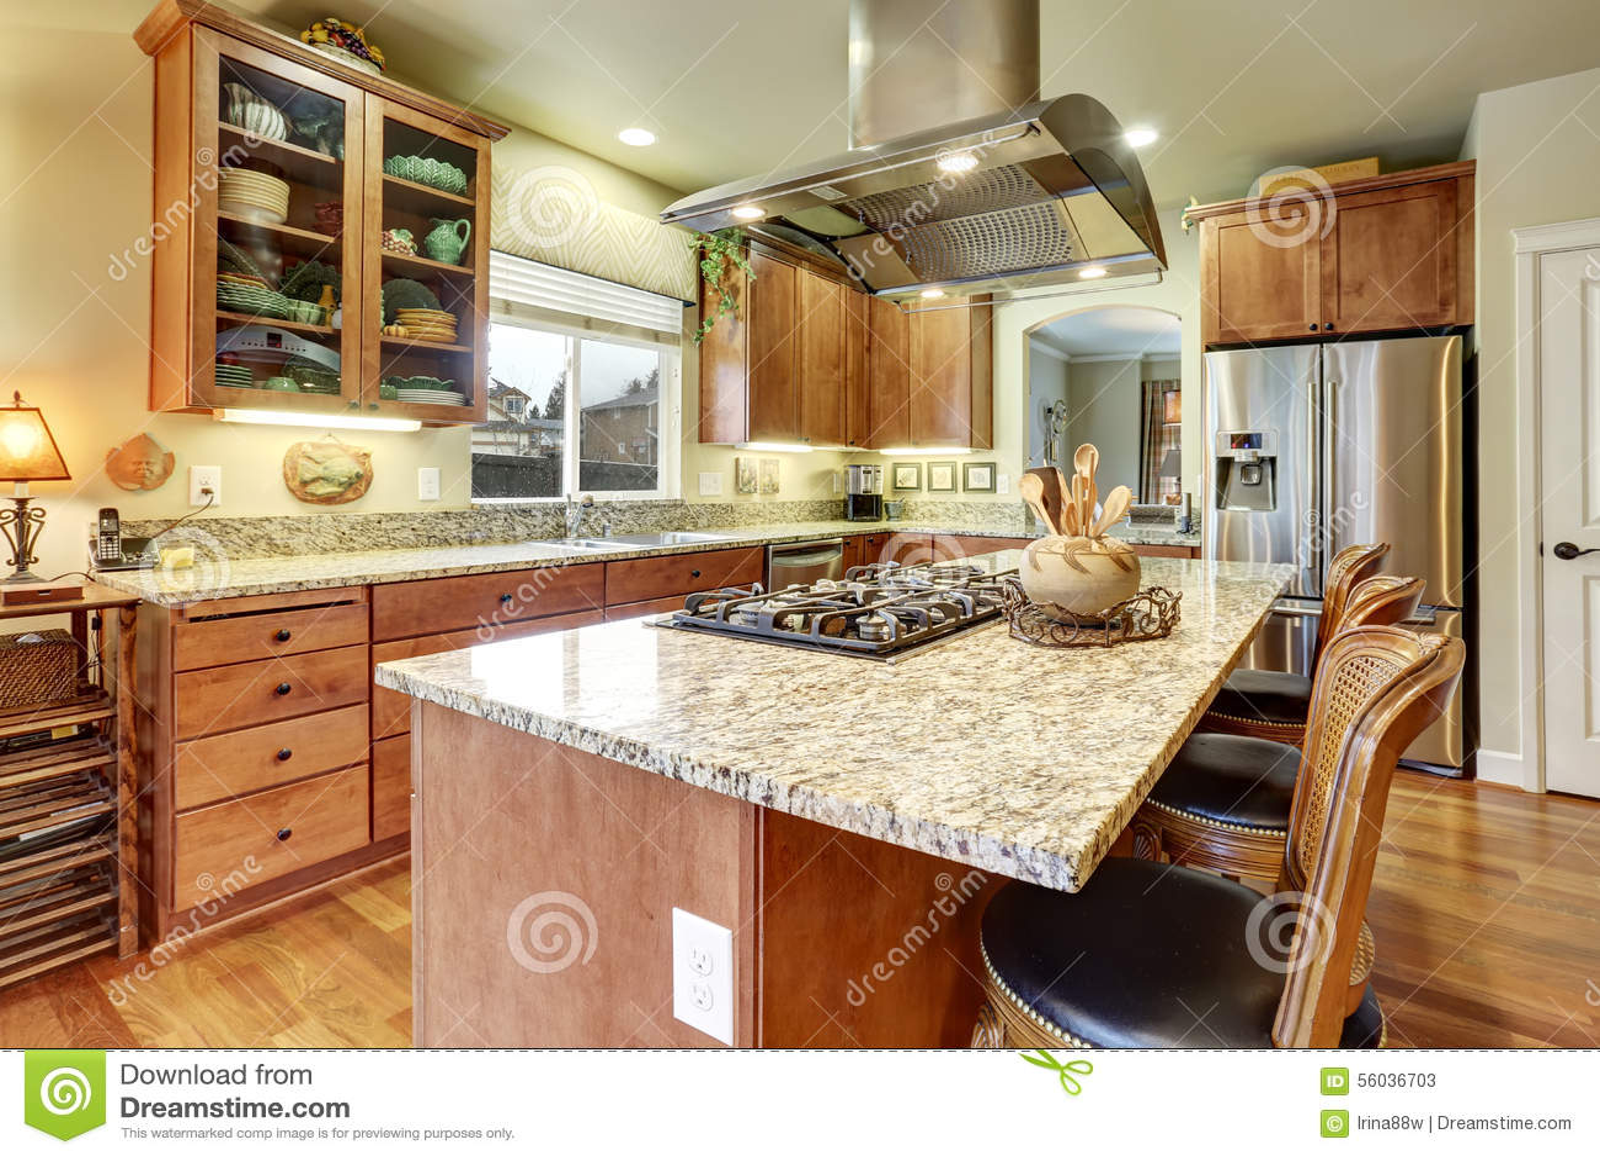 De Perfecte Keuken : Perfecte keuken met hardhoutvloer en eiland stock afbeelding